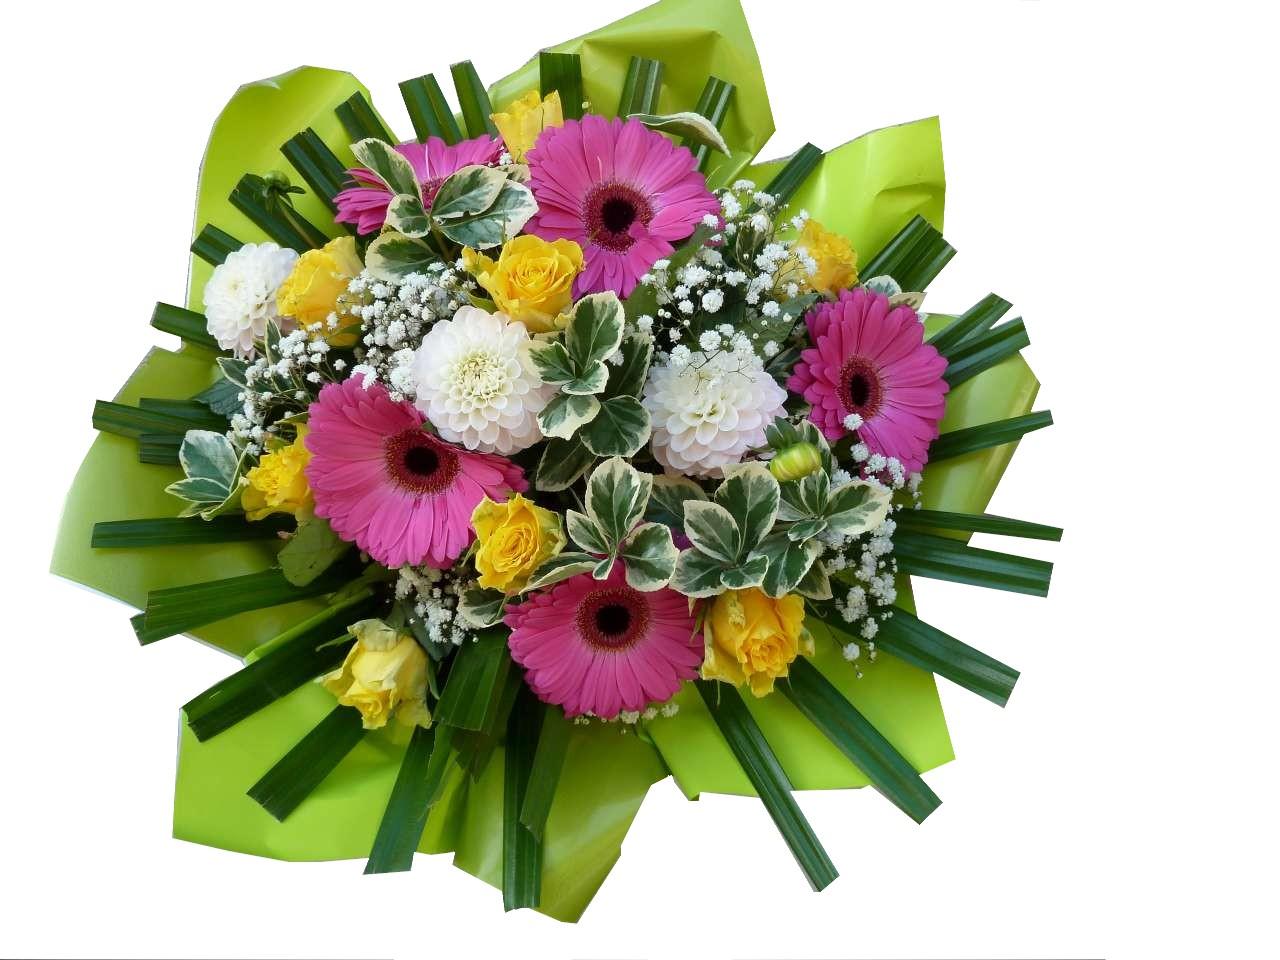 livraison de fleurs dimanche l 39 atelier des fleurs. Black Bedroom Furniture Sets. Home Design Ideas